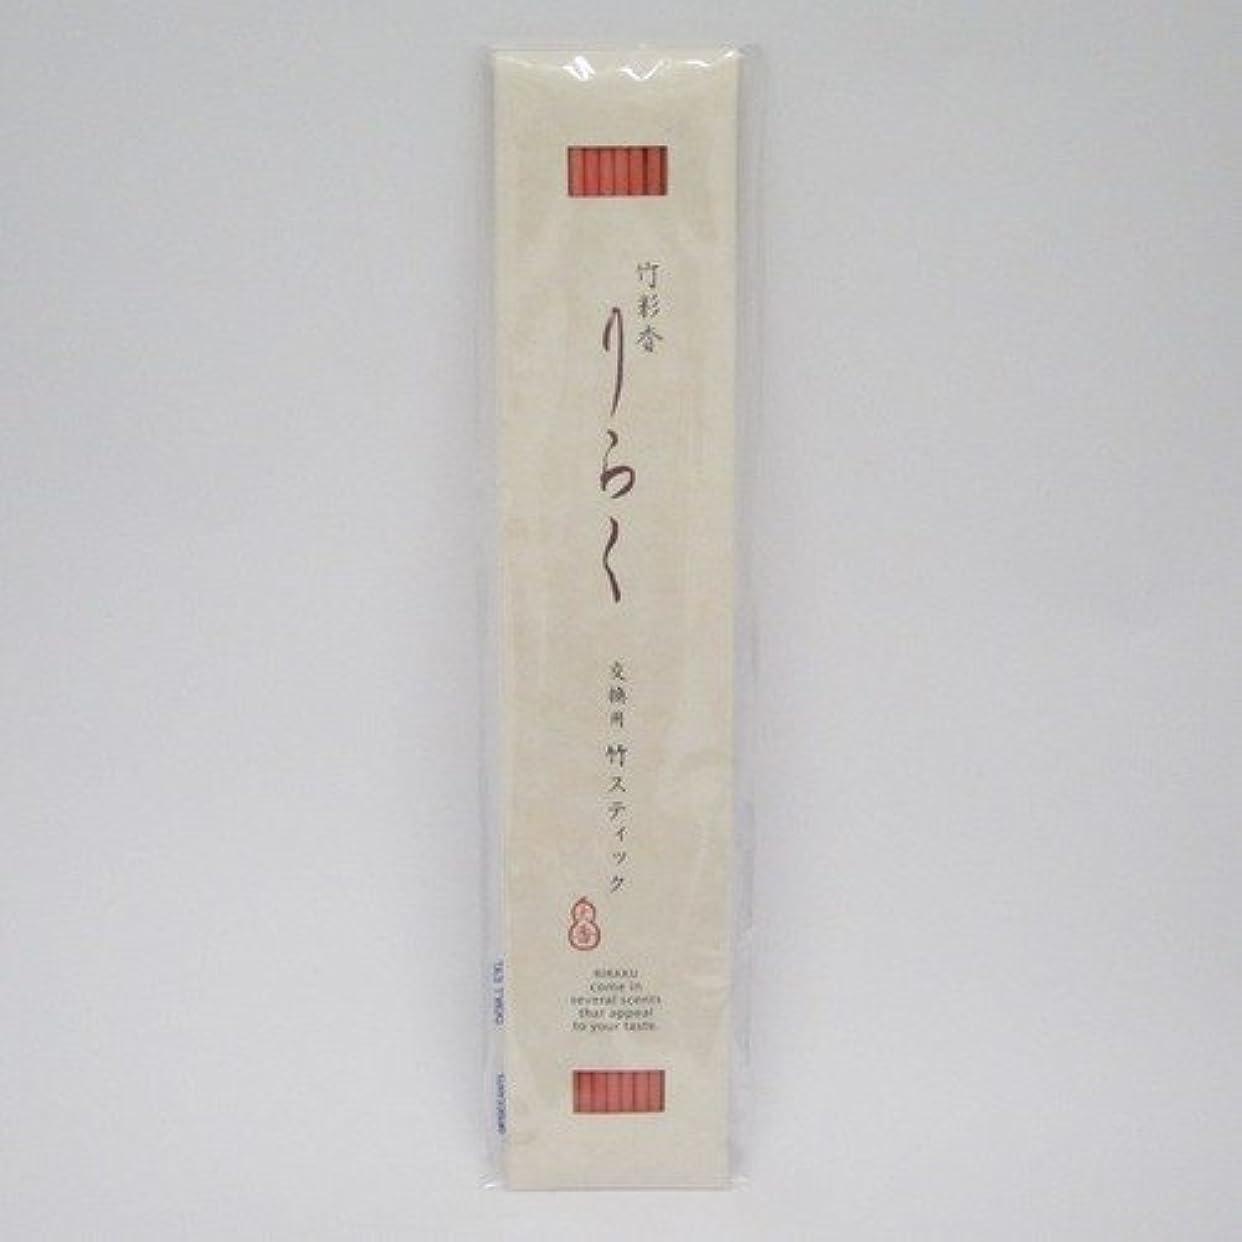 ブラザー安全スカイりらく 竹彩香りらく竹スティック さくらの色